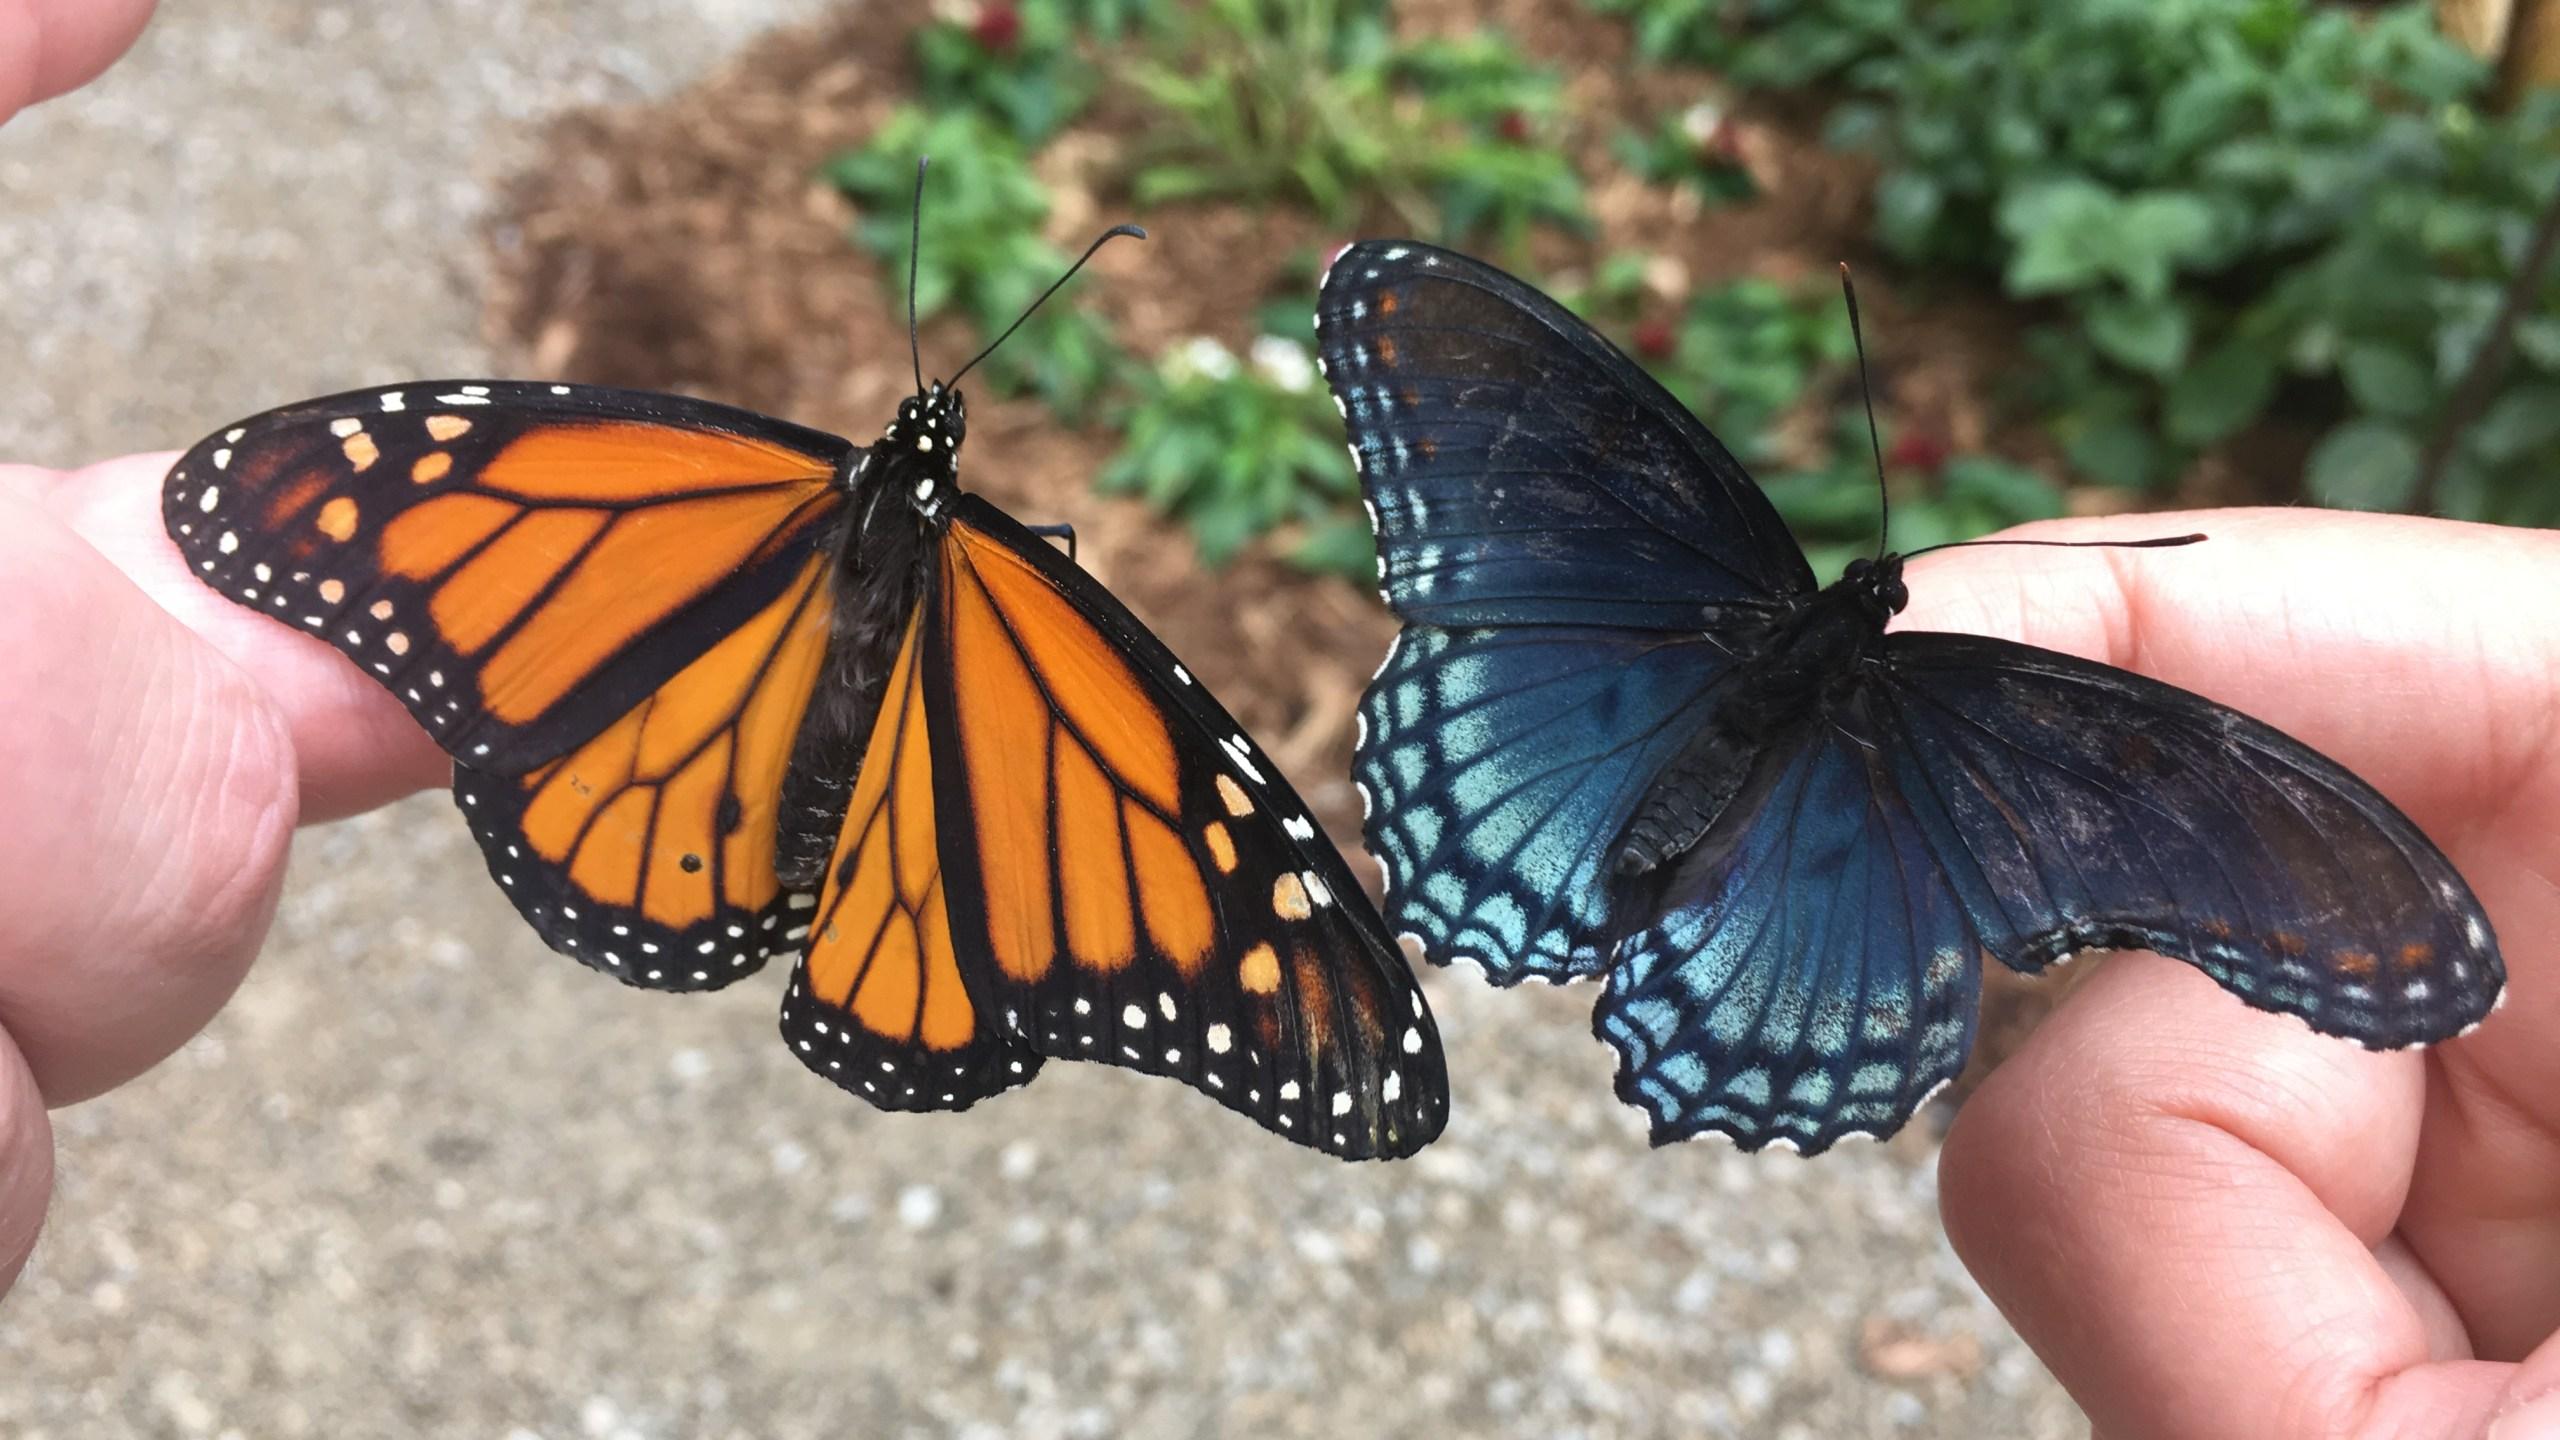 butterfly_1559246017019.JPG